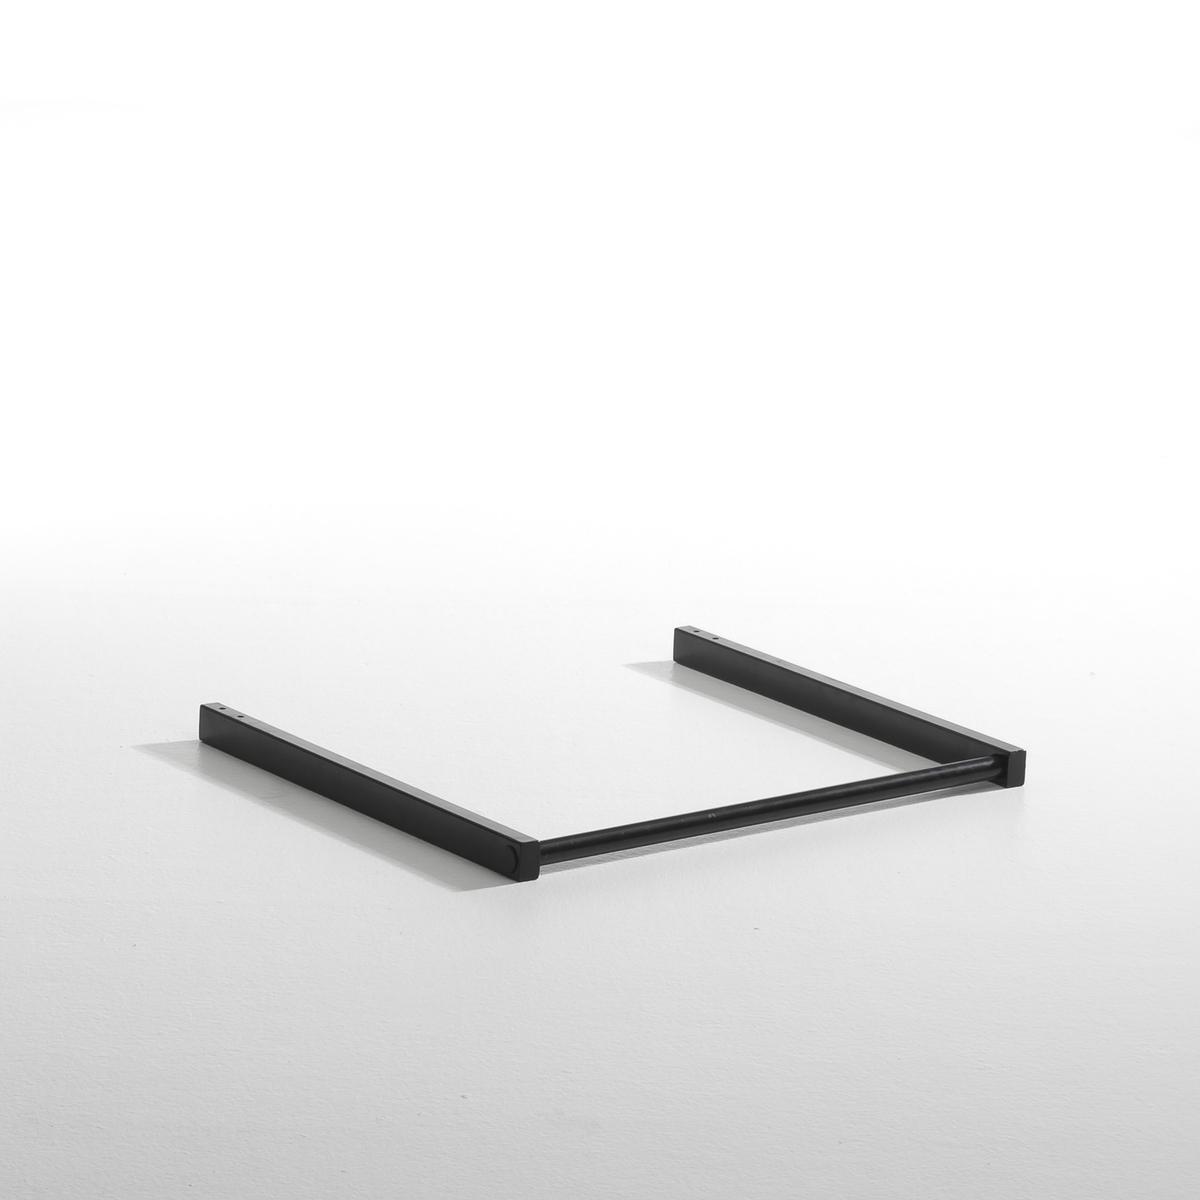 Карниз с занавеской Kyriel для гардеробаМеталлический карниз, покрытый эпоксидной краской, с занавеской для гардероба Kyriel.Карниз с занавеской : диаметр 2,5 см. 2 длины.117 x 60 x 4 см диаметр 2,5 см67 x 60 x 4 см диаметр 2,5 смКарниз с занавеской для крепления на стойки, имеющиеся в продаже на нашем сайте.Мебель для гардероба Kyriel - это эстетичная и практичная система, модулируемая при желании, созданная для любых пространств и стилей.<br><br>Цвет: черный